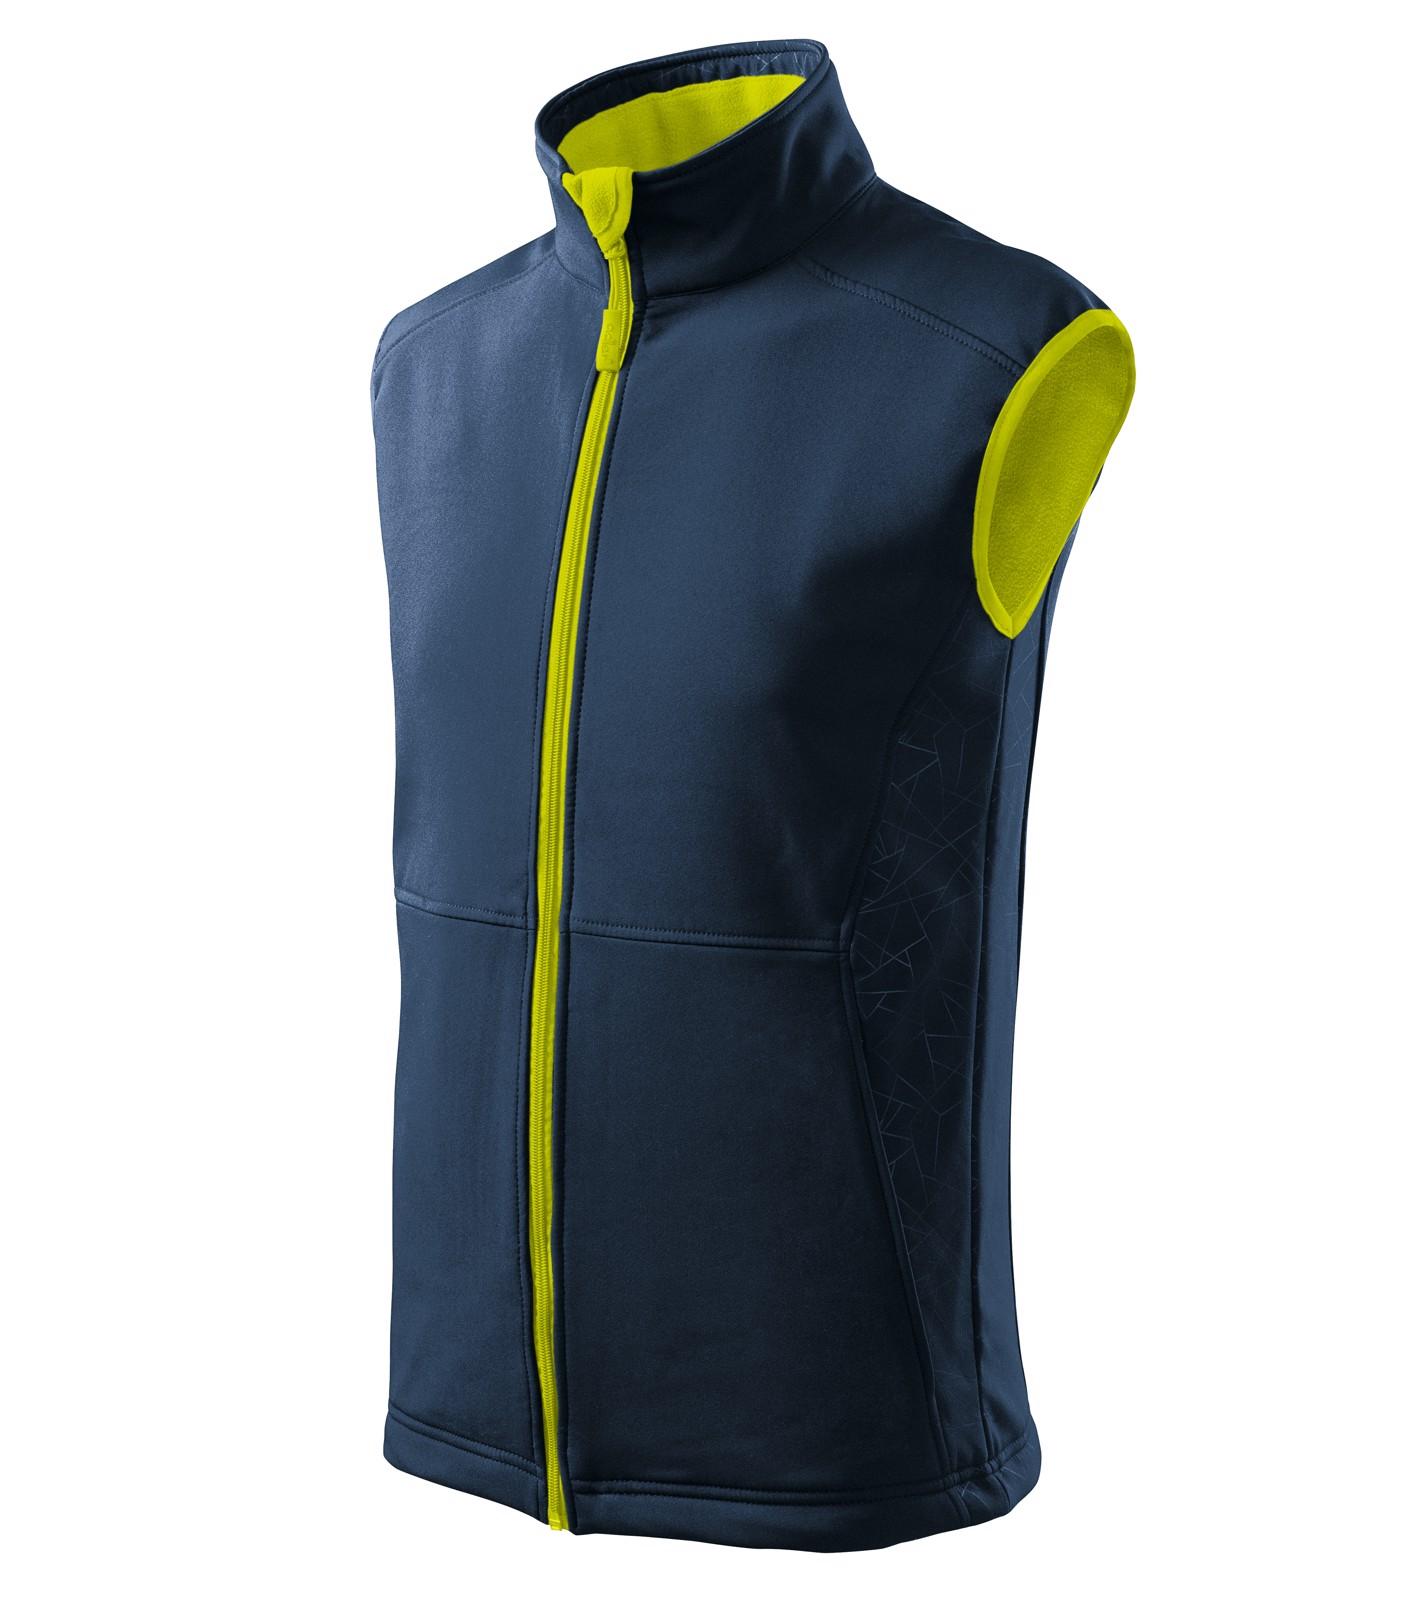 Softshellová vesta pánská Malfini Vision - Námořní Modrá / M